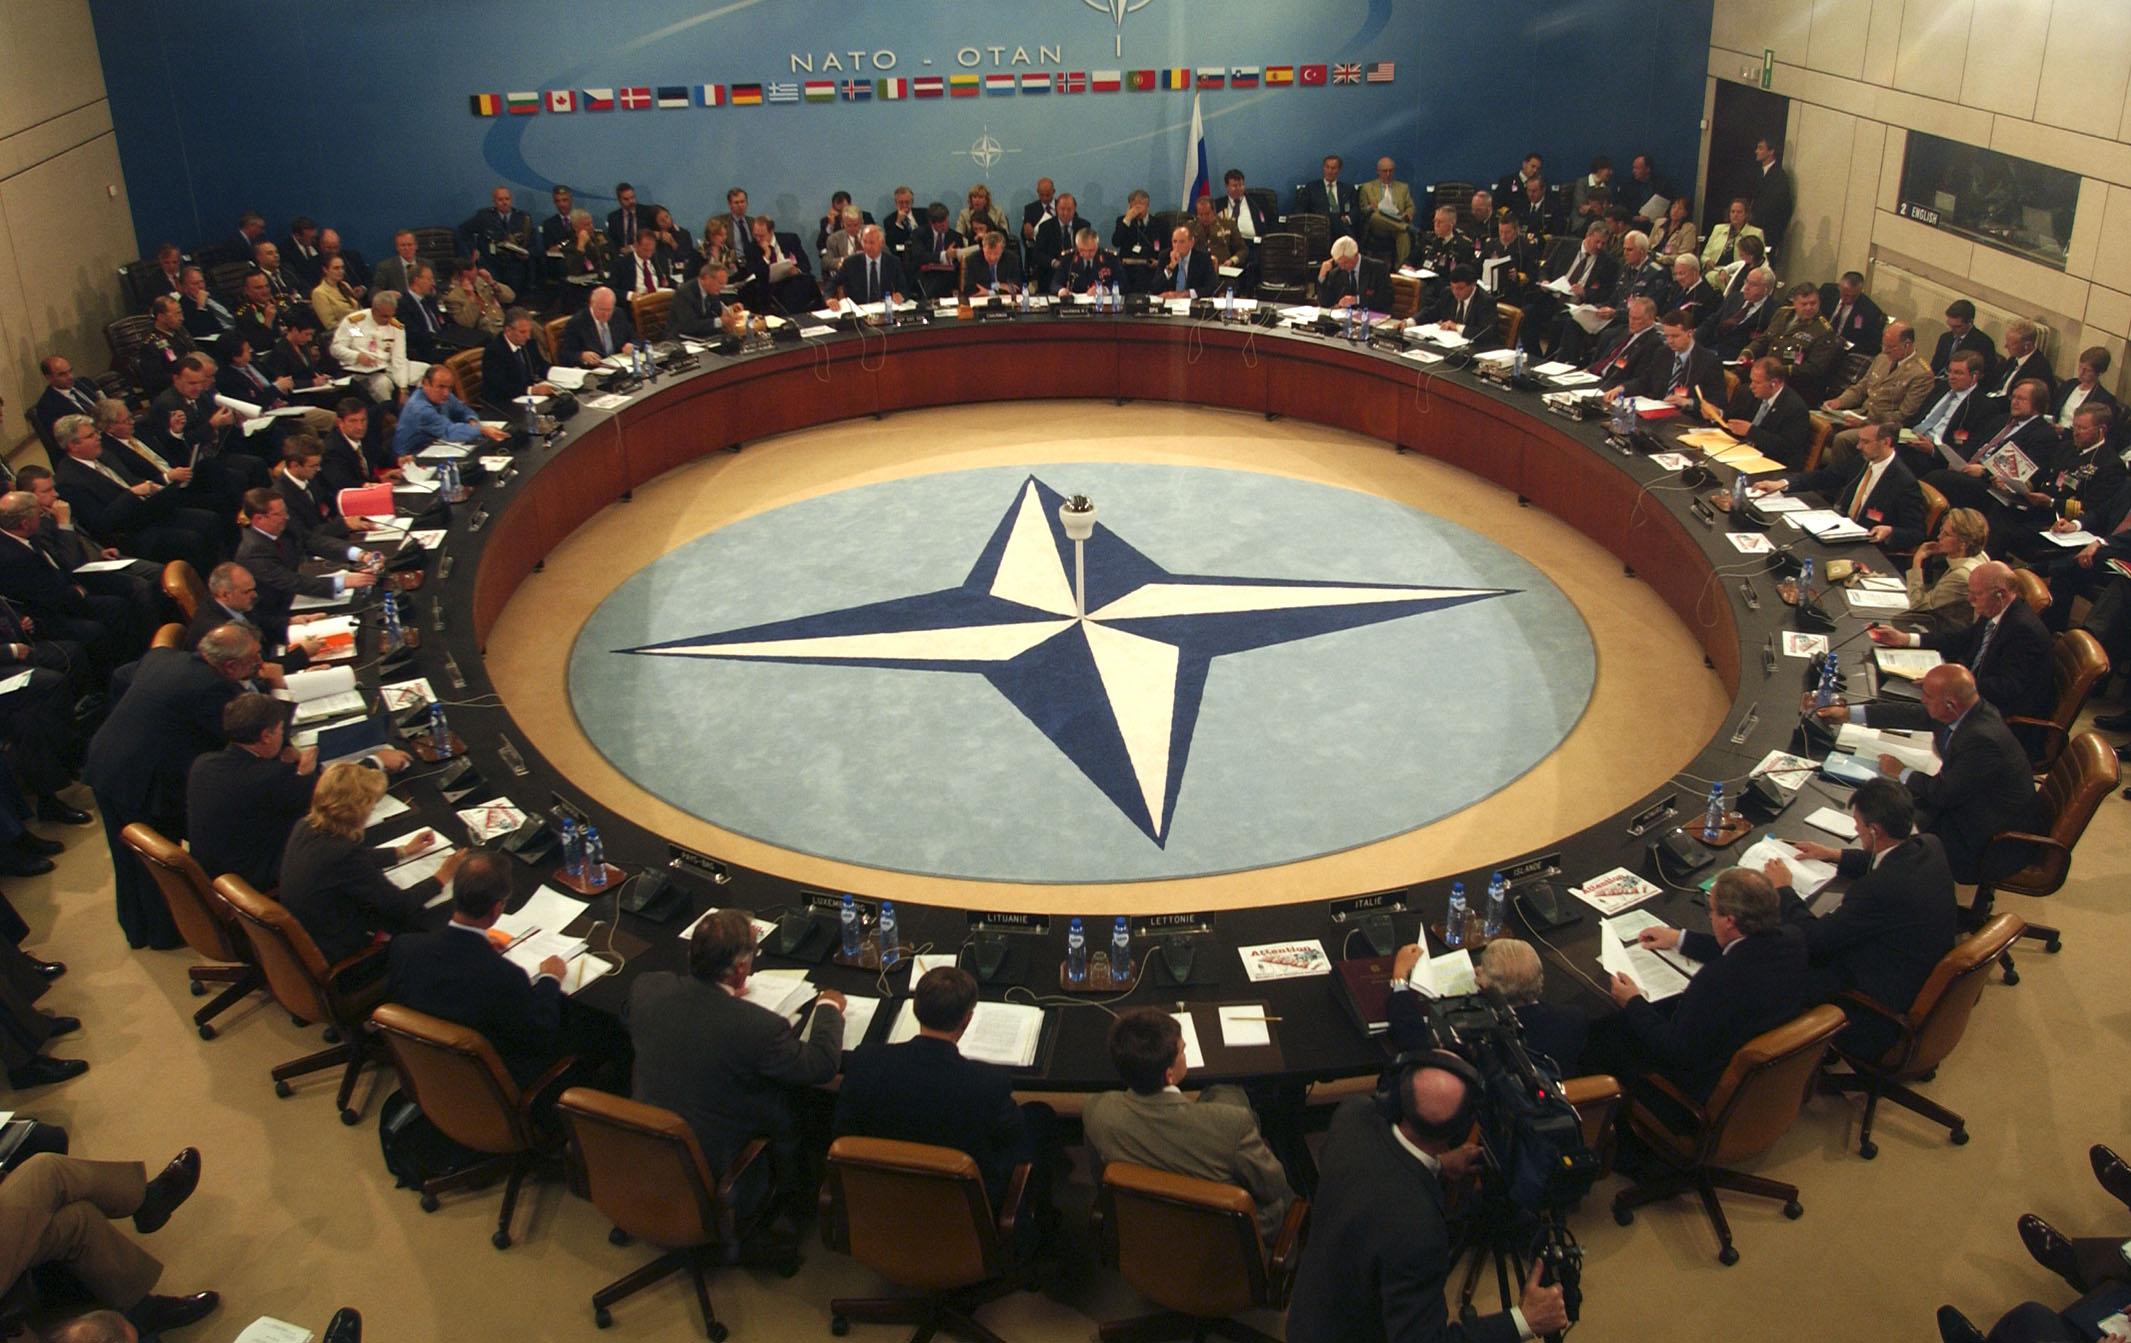 NATO LİDERLİĞİNDEKİ GÜCÜN GÖREV SÜRESİ